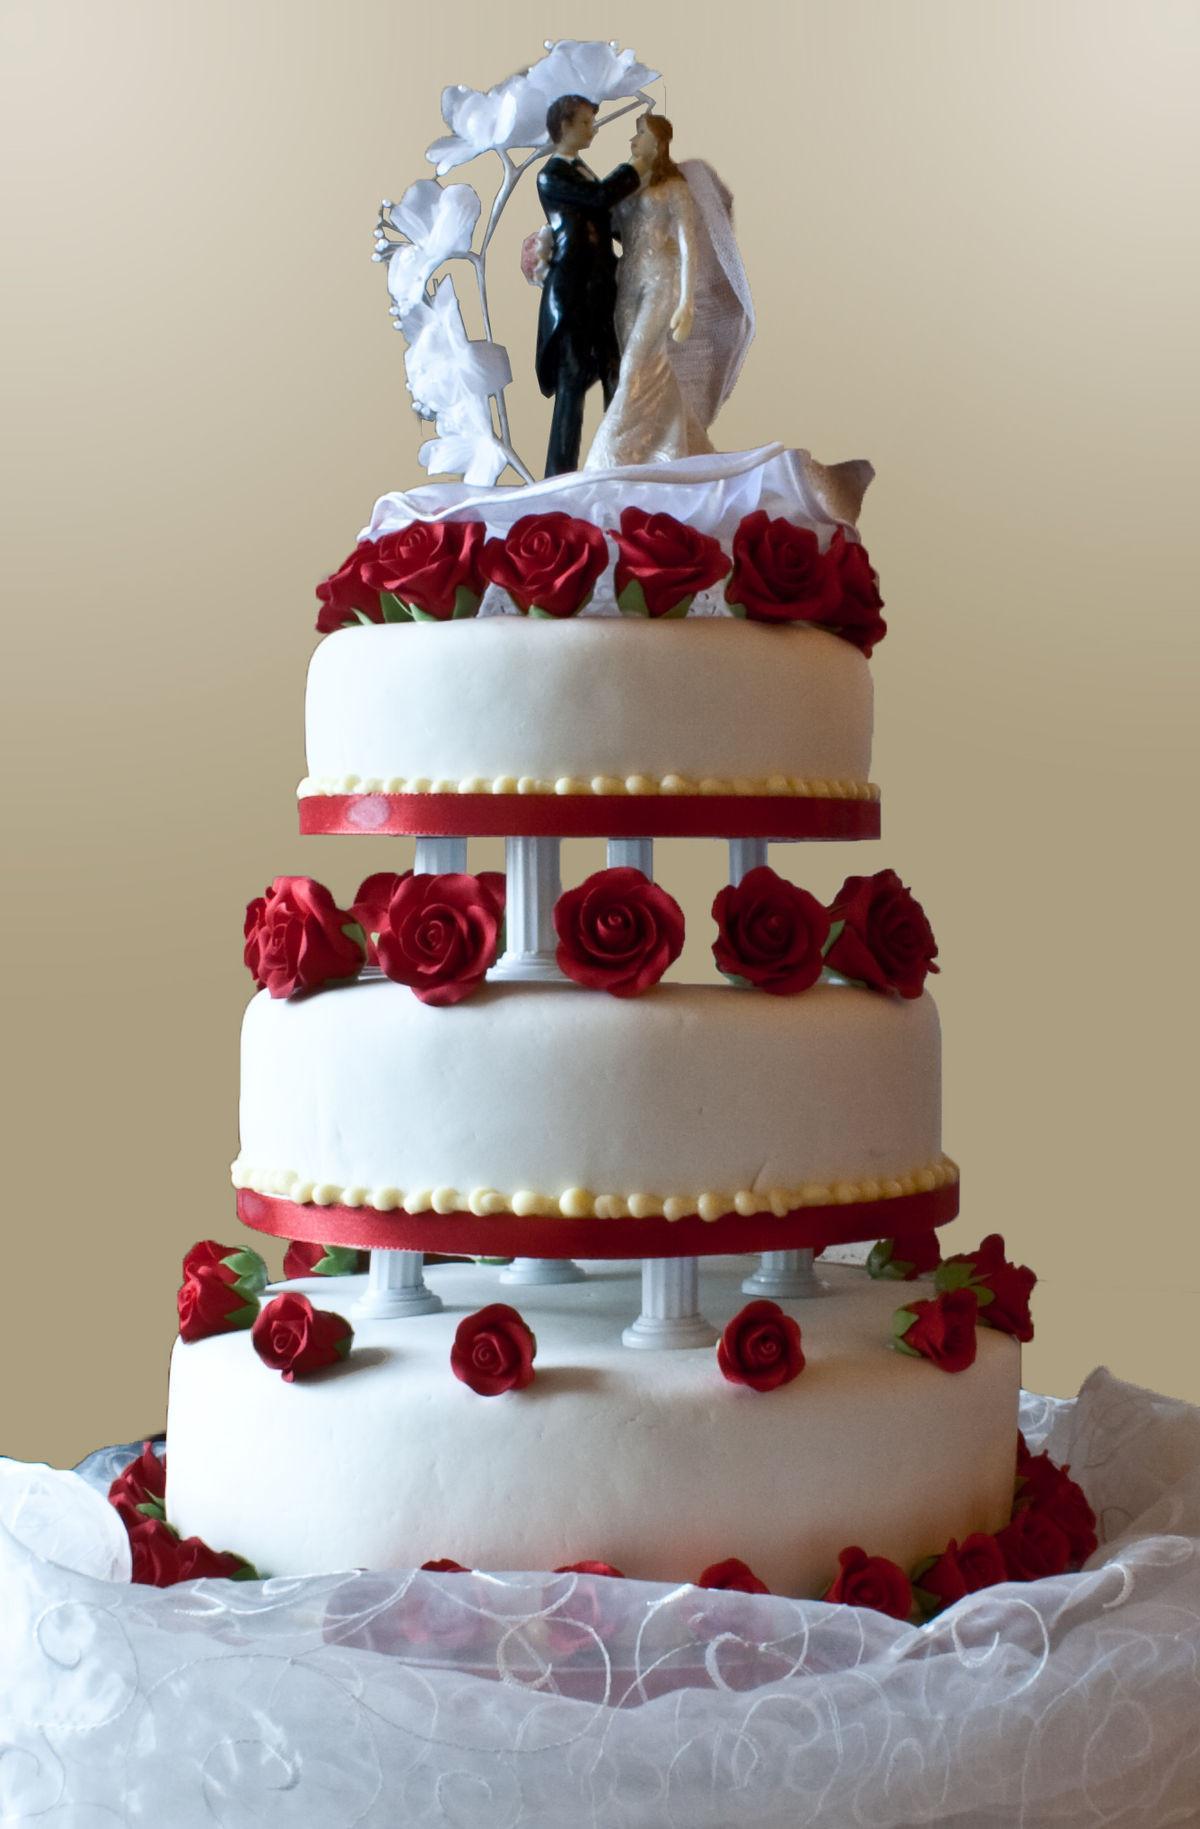 Wedding Cakes Layers  Wedding cake